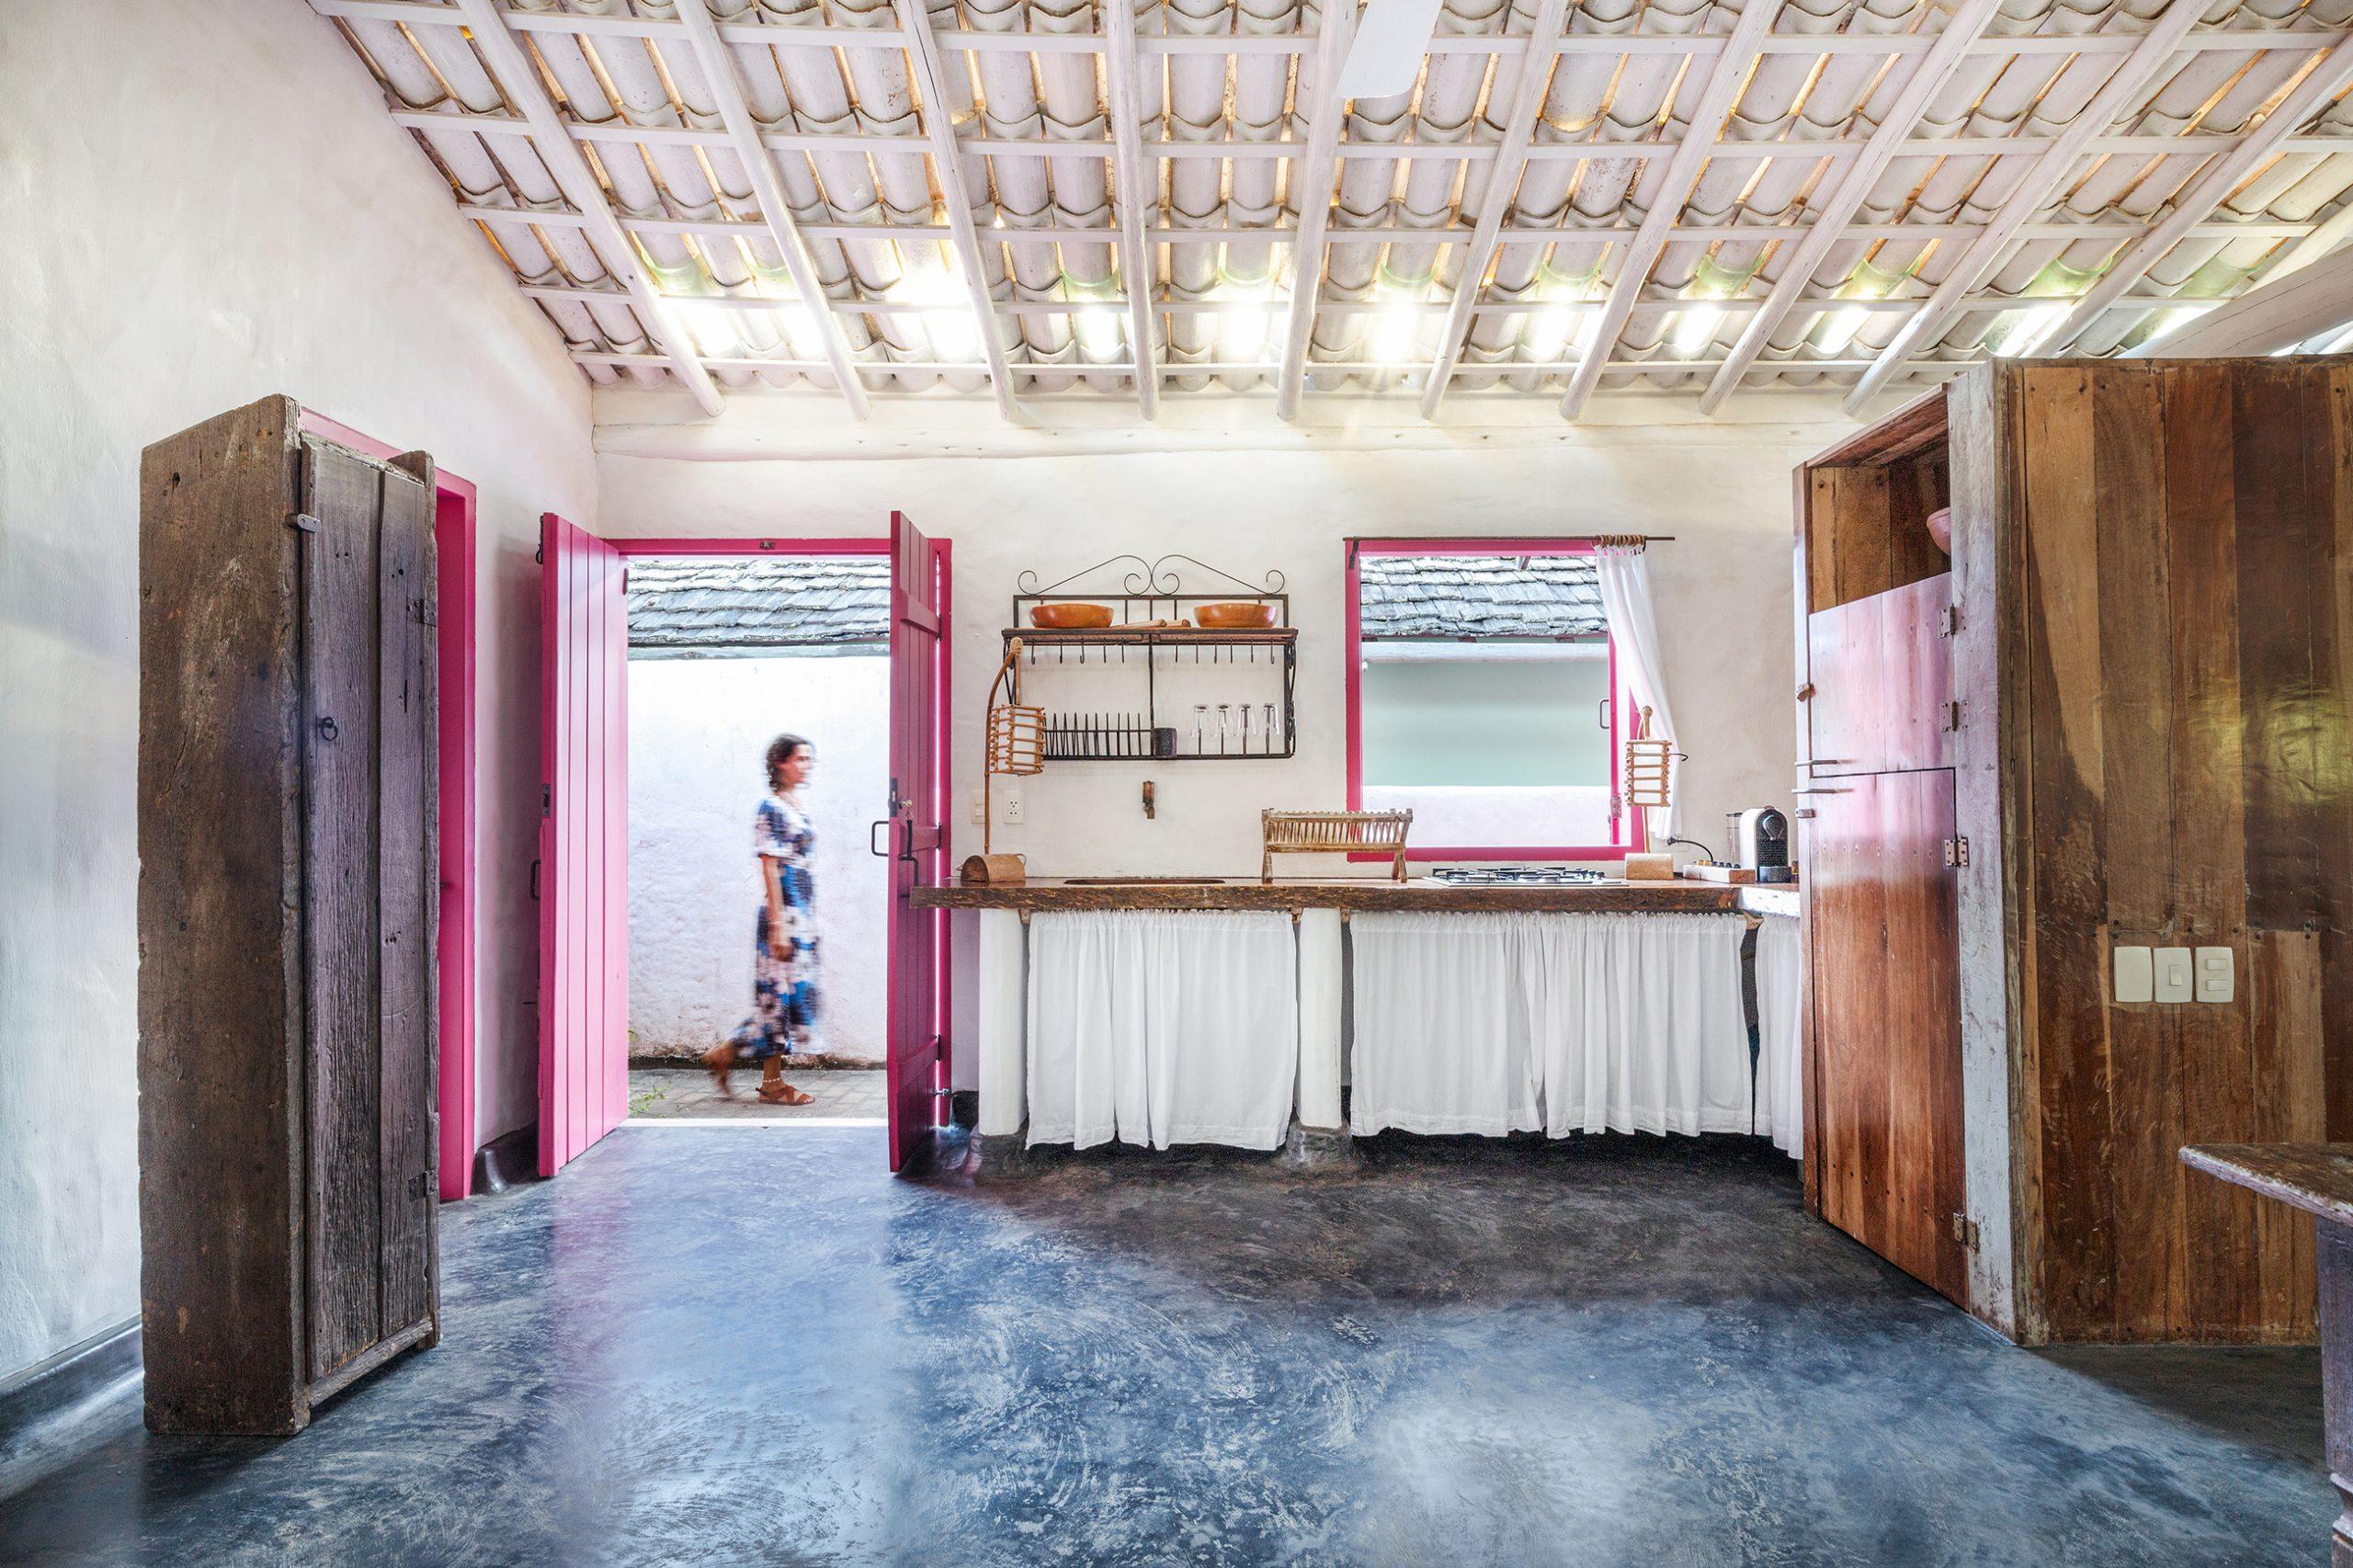 decoração Trancoso cozinha rustica com moveis de madeira e porta rosa